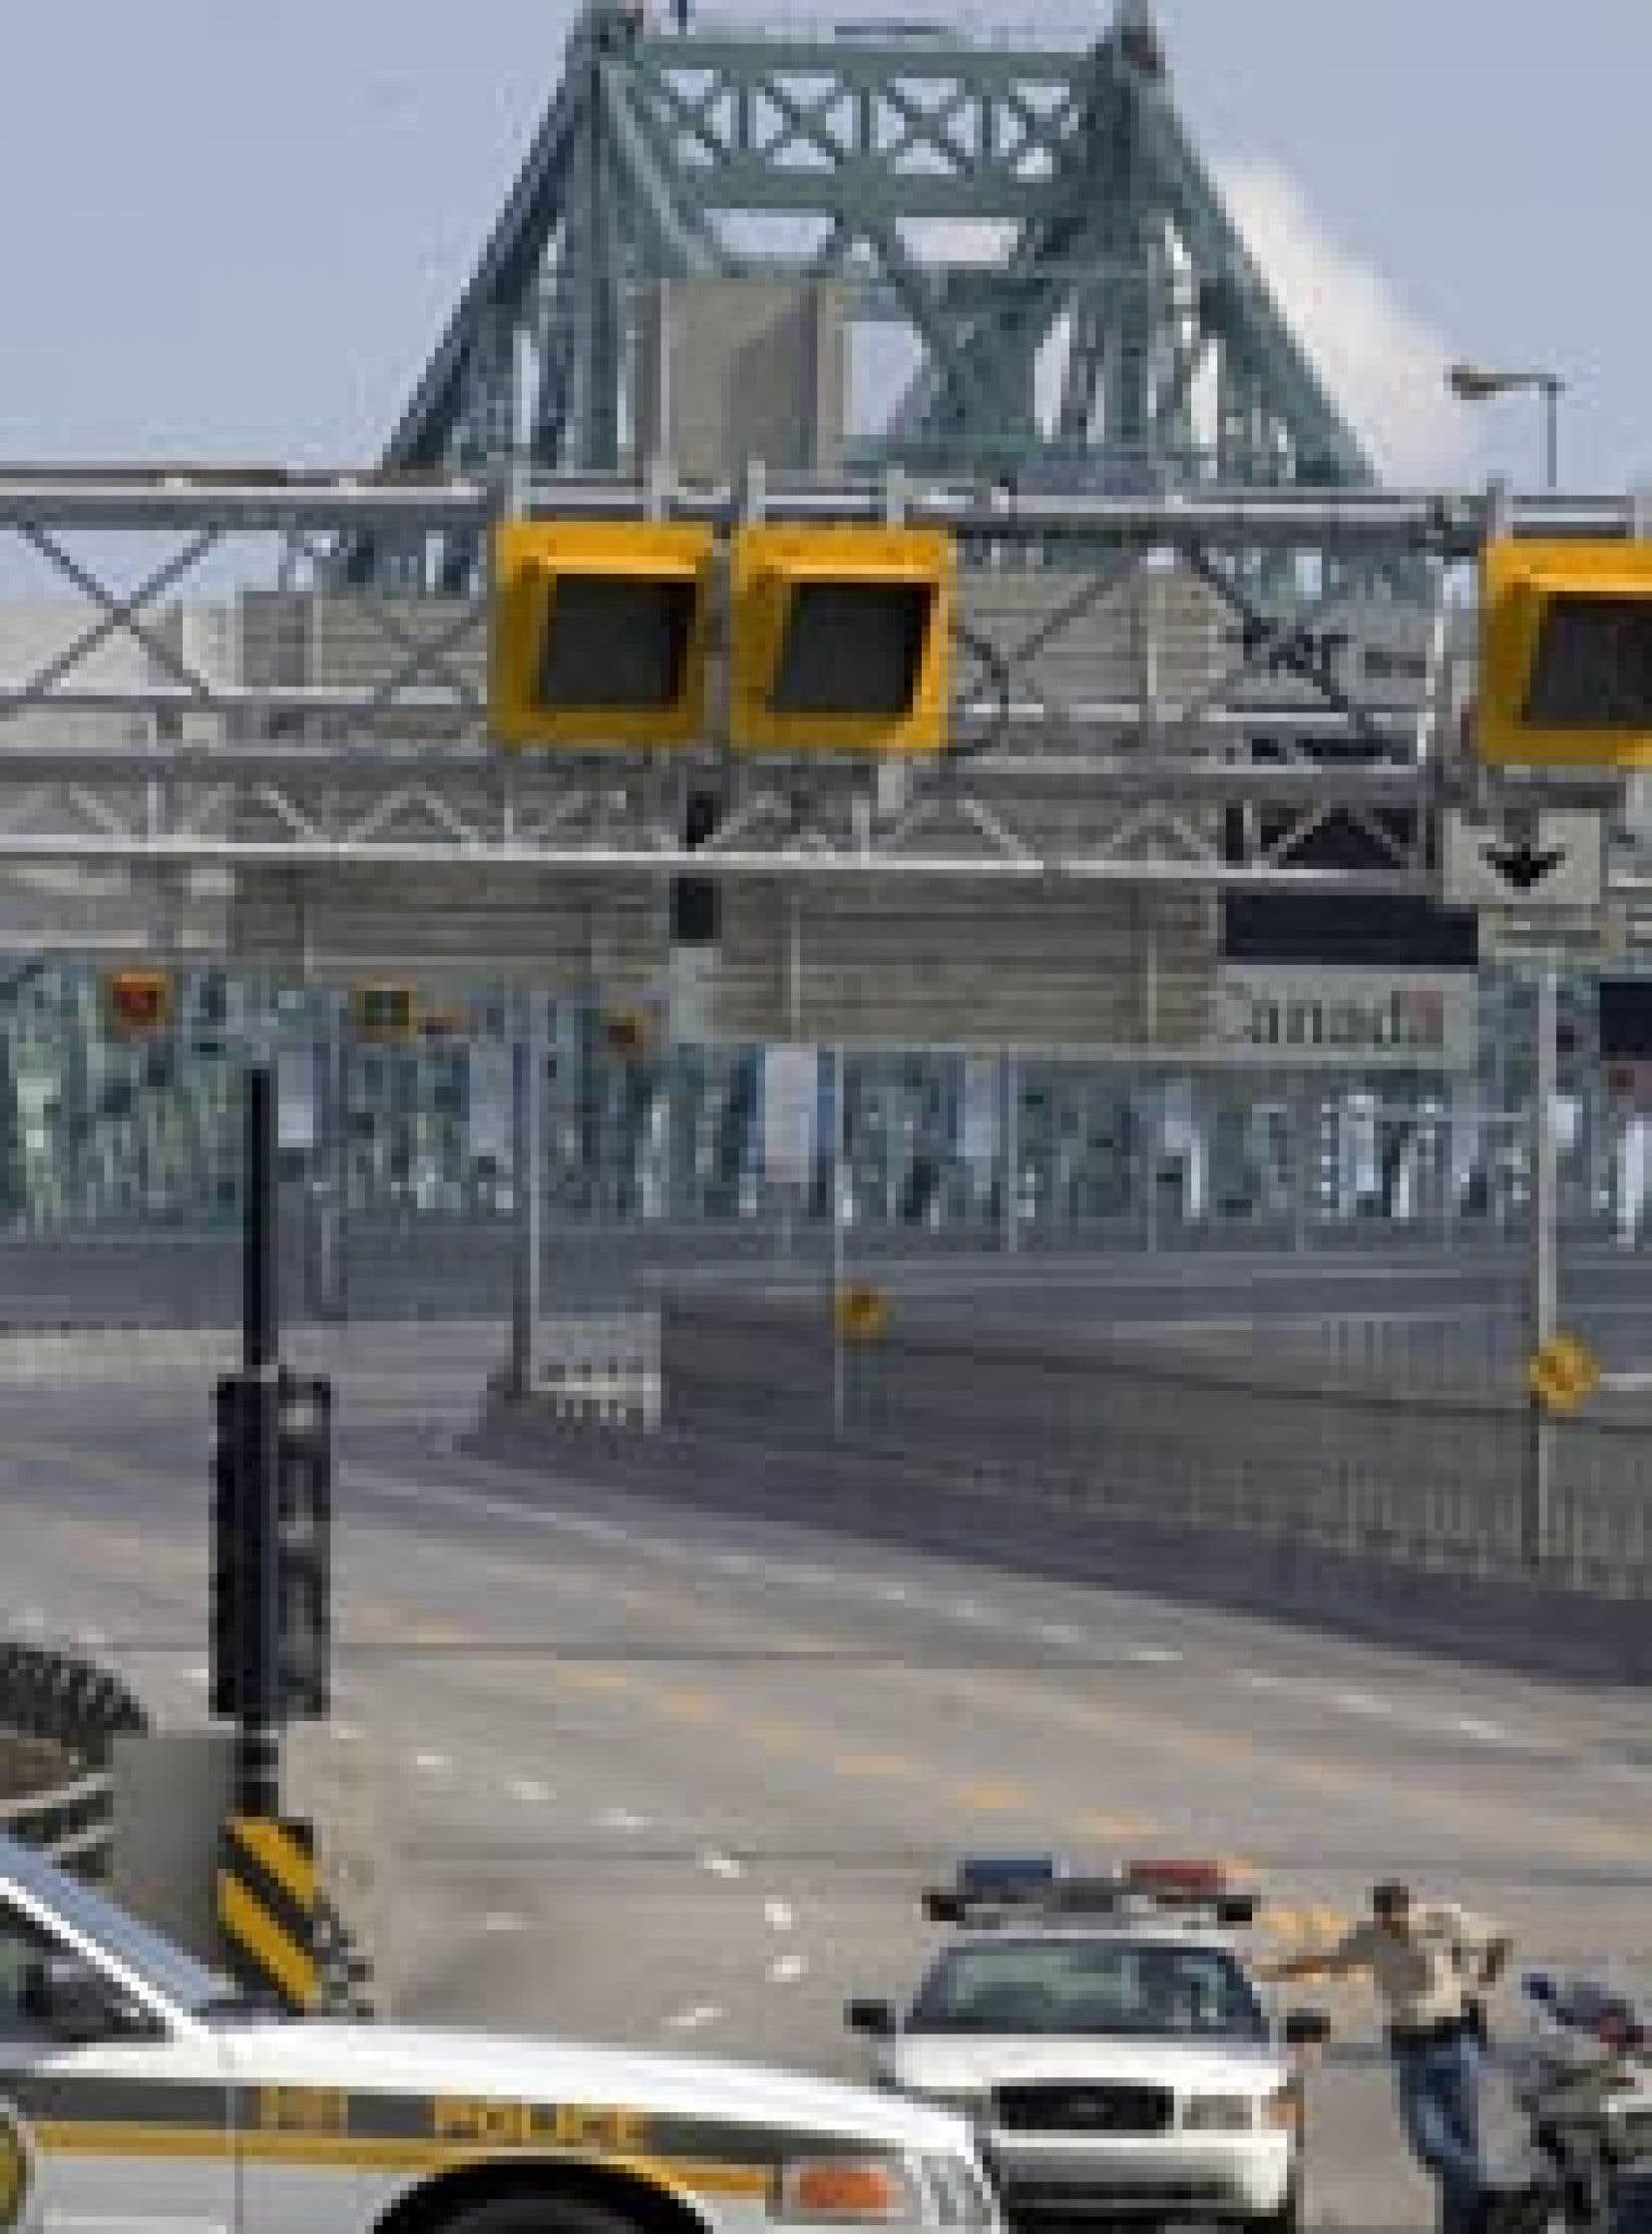 Le pont Jacques-Cartier a été fermé durant toute la journée hier, un homme ayant décidé d'escalader la structure métallique pour donner plus de visibilité au mouvement qu'il représente, Fathers 4-Justice. Les automobilistes qui venaient de l